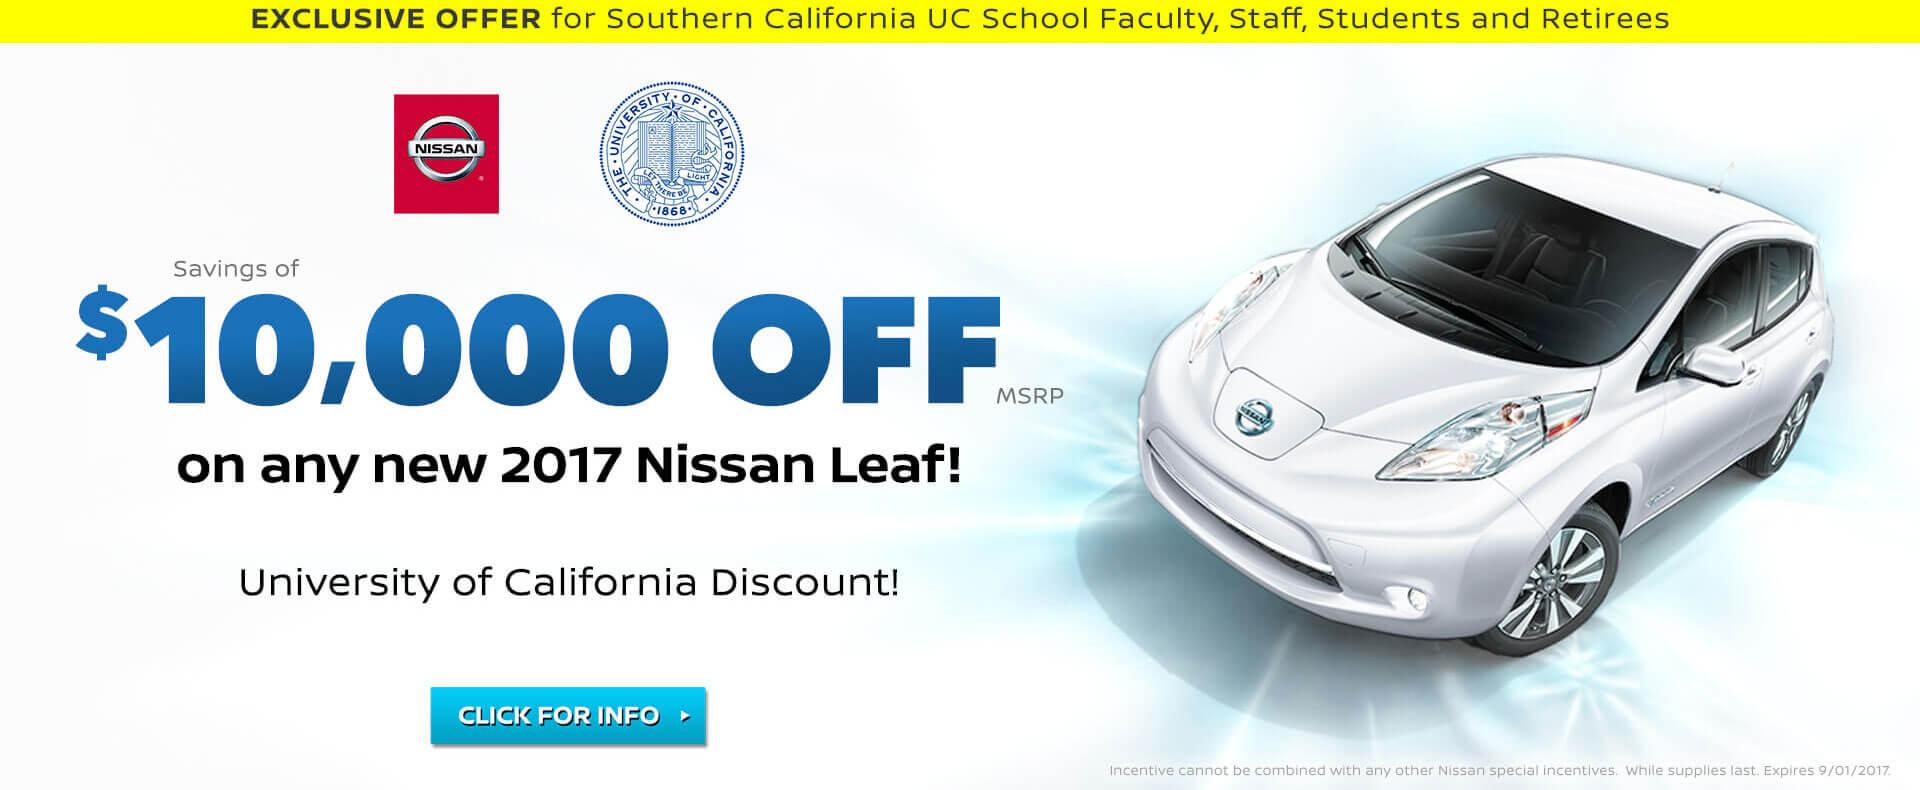 UC Irvine LEAF